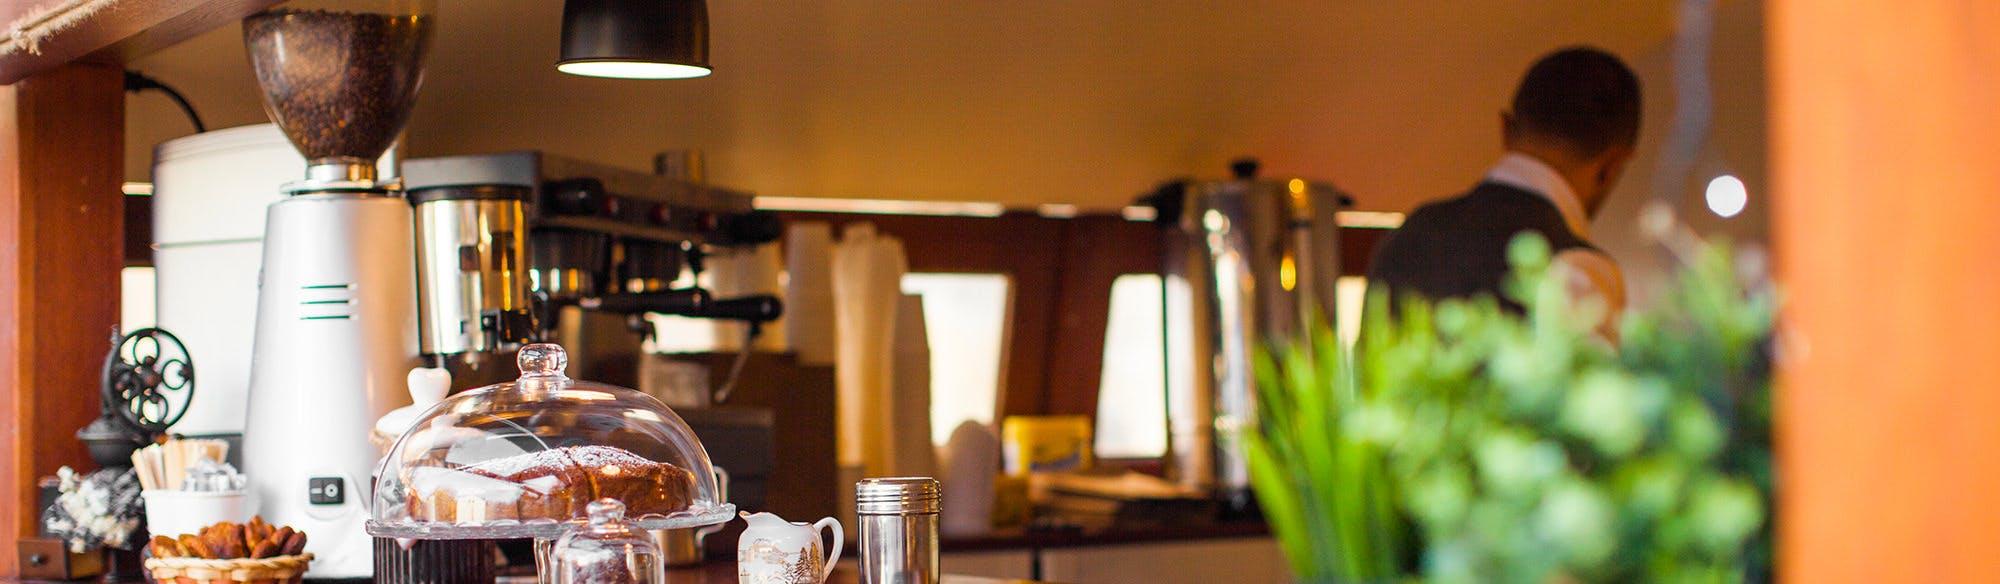 La ristorazione è energivora e deve puntare sull'efficienza